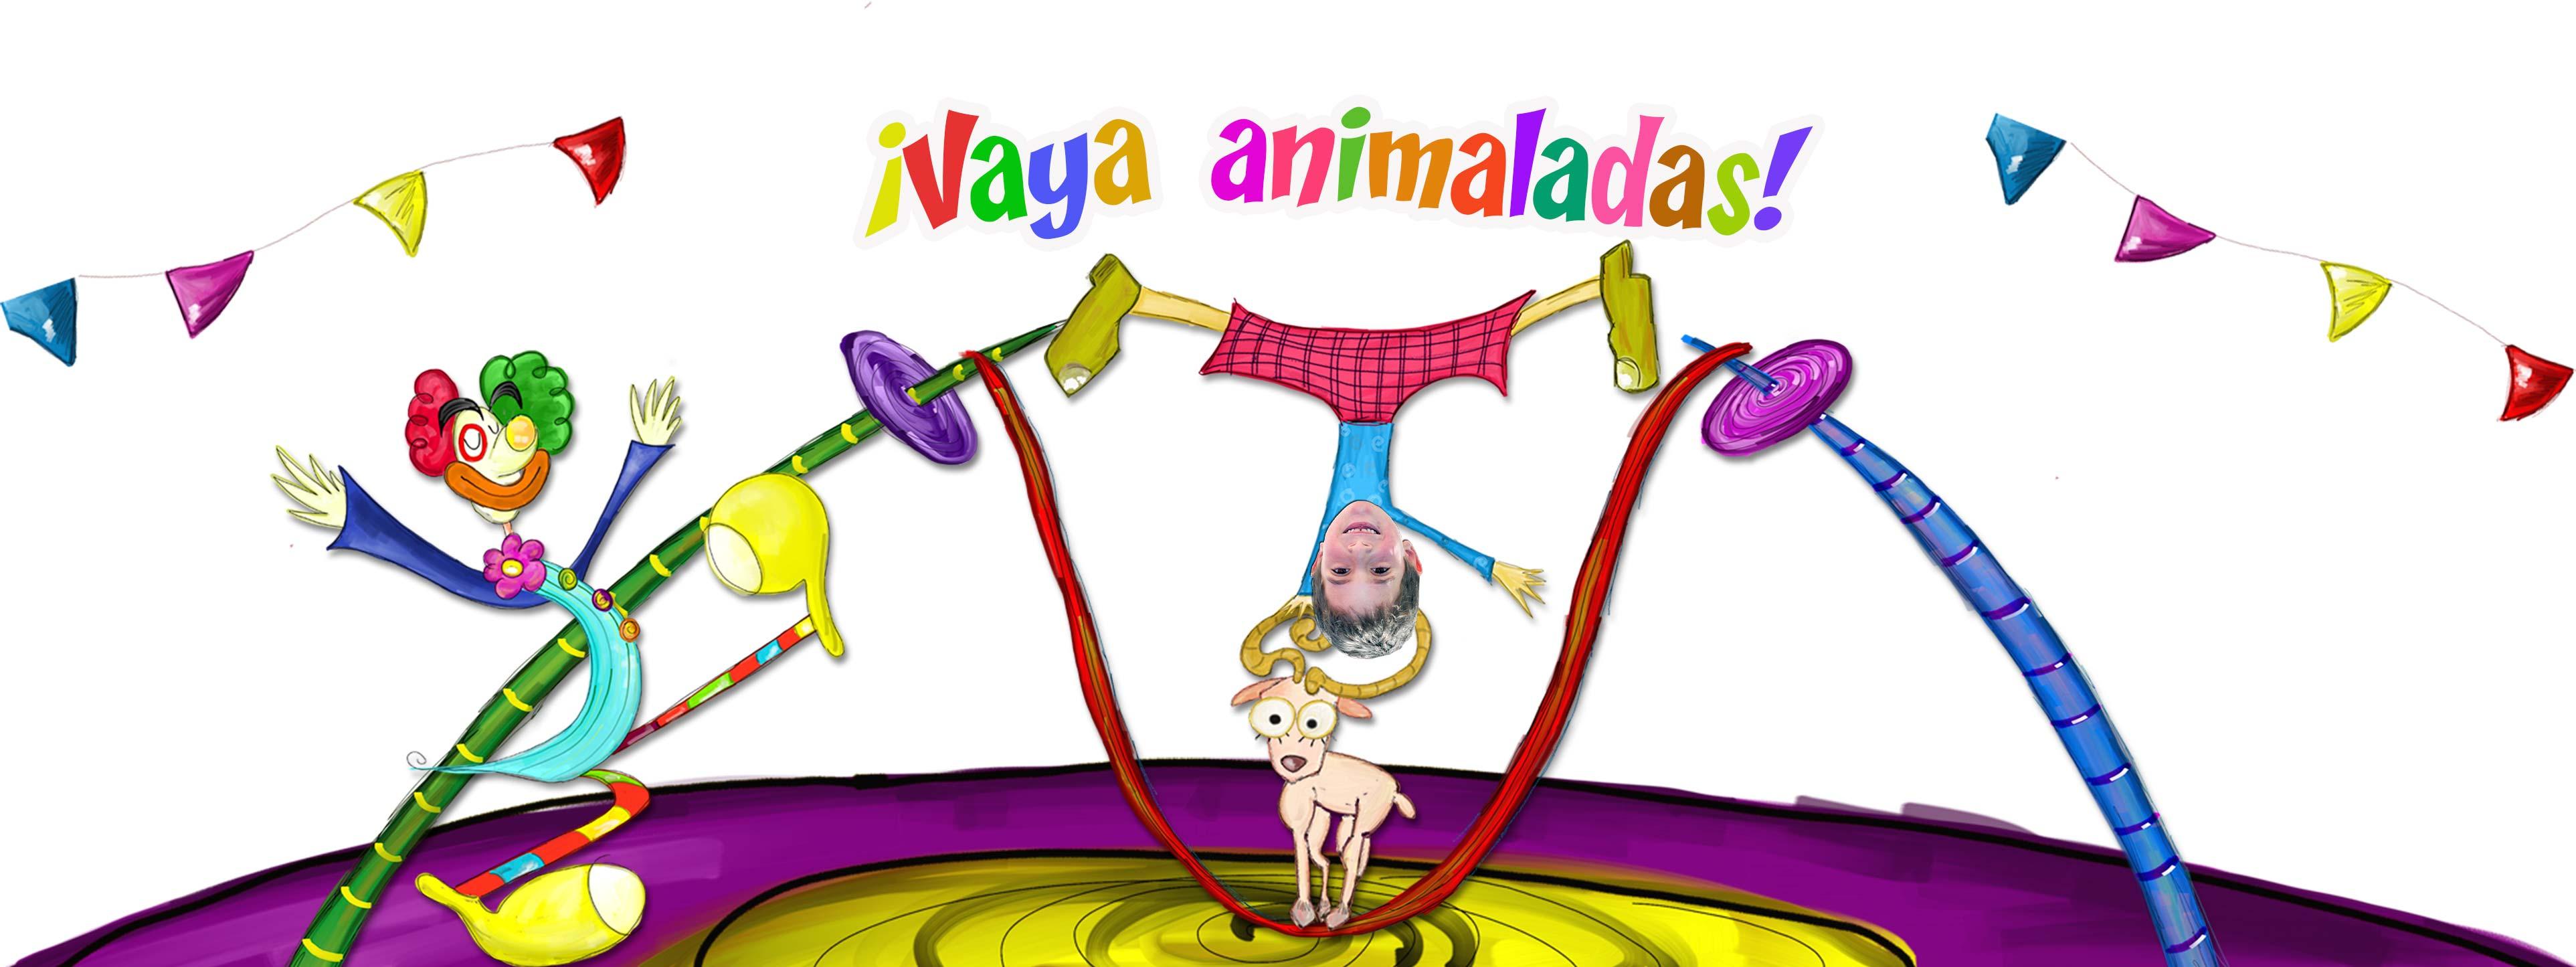 Libros infantiles personalizados: Una historia muy animal - Encabezado del producto